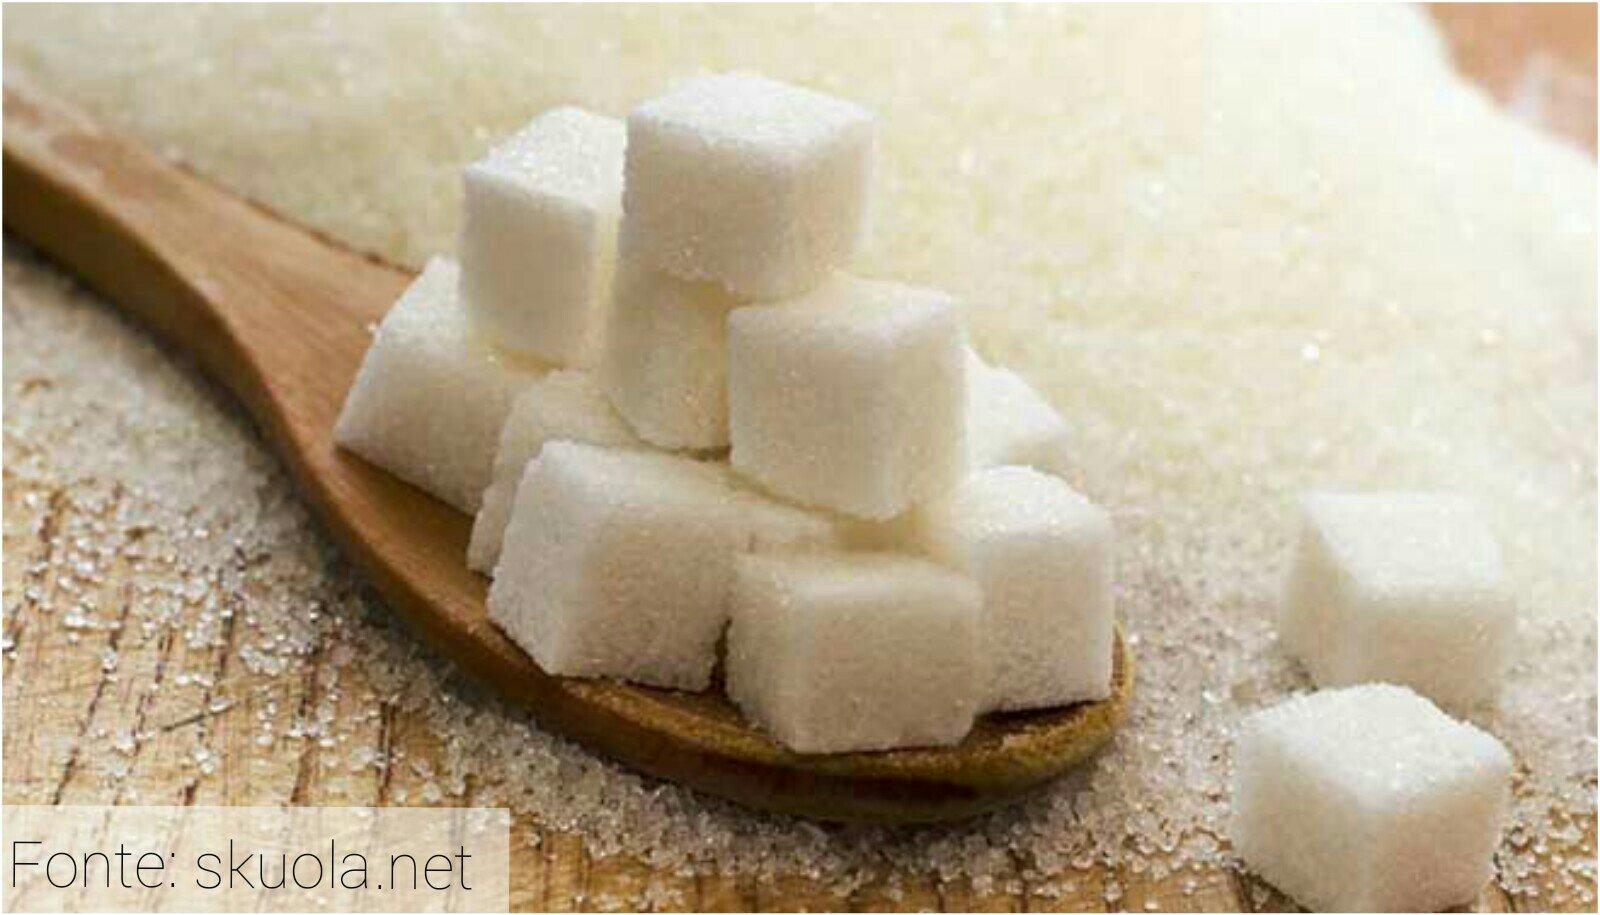 è vero che lo zucchero fa male